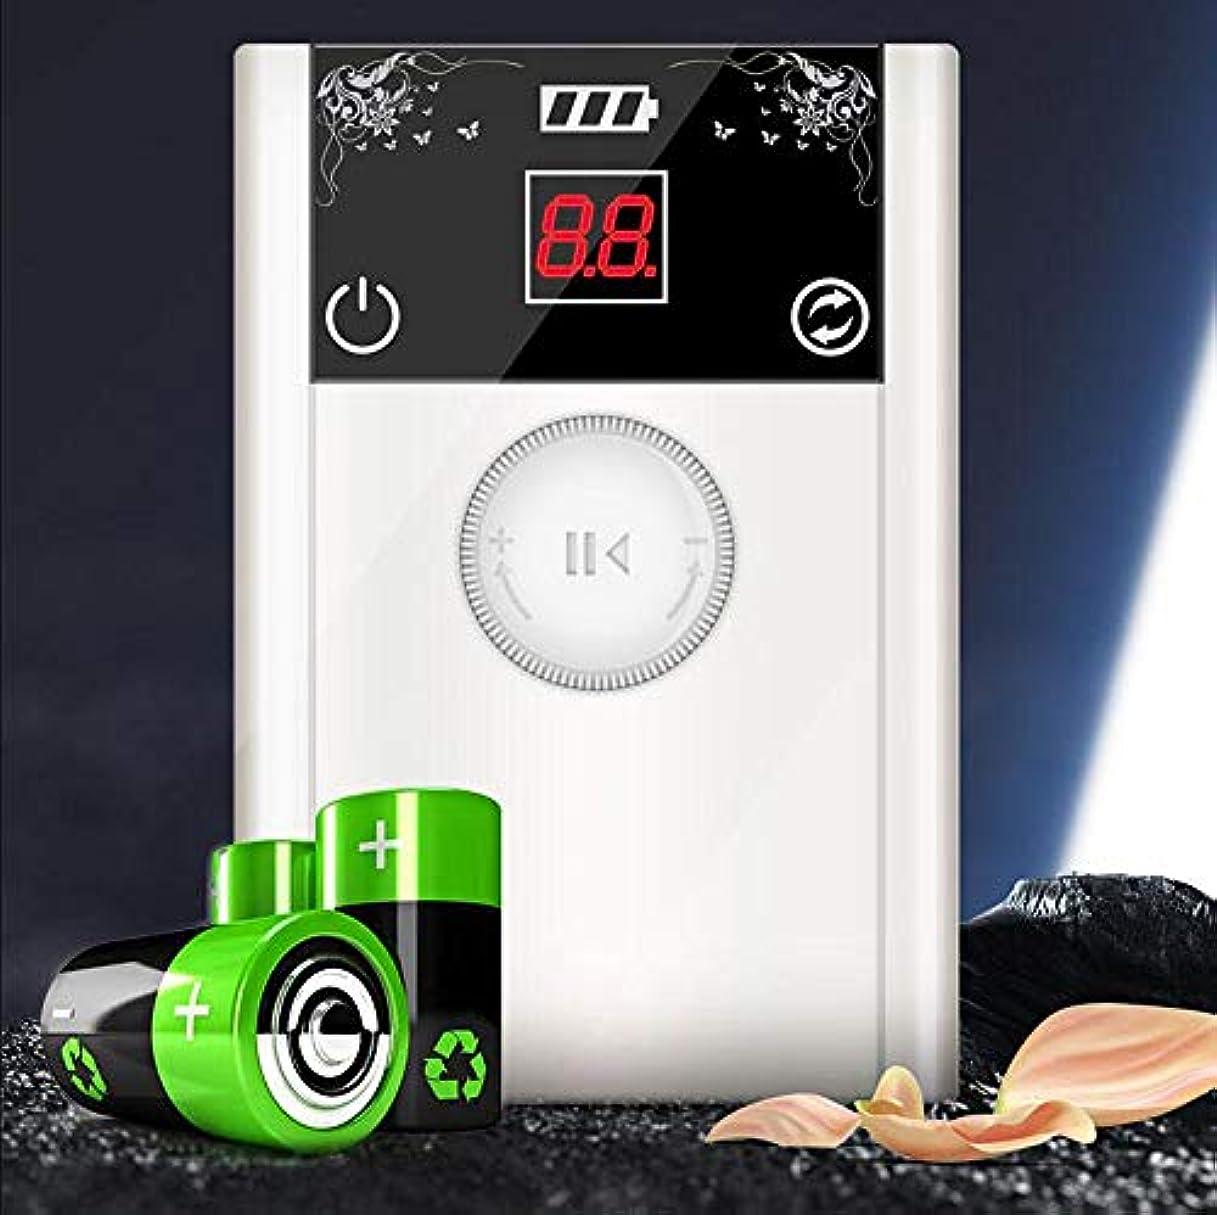 消費一晩キノコポータブル新しい到着40000 rpmネイルドリルマニキュア機ブラシレス強力な80ワットネイルアートツールポーランド電気ネイルドリルファイル,White